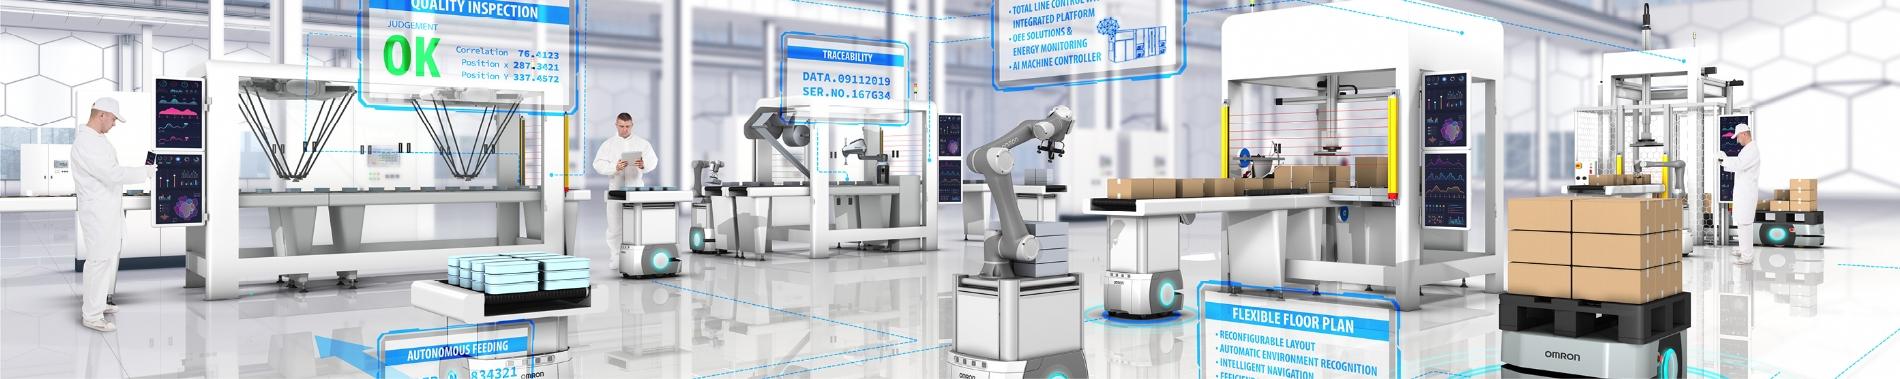 Machine tending e pallettizzazione: la rivoluzione collaborativa